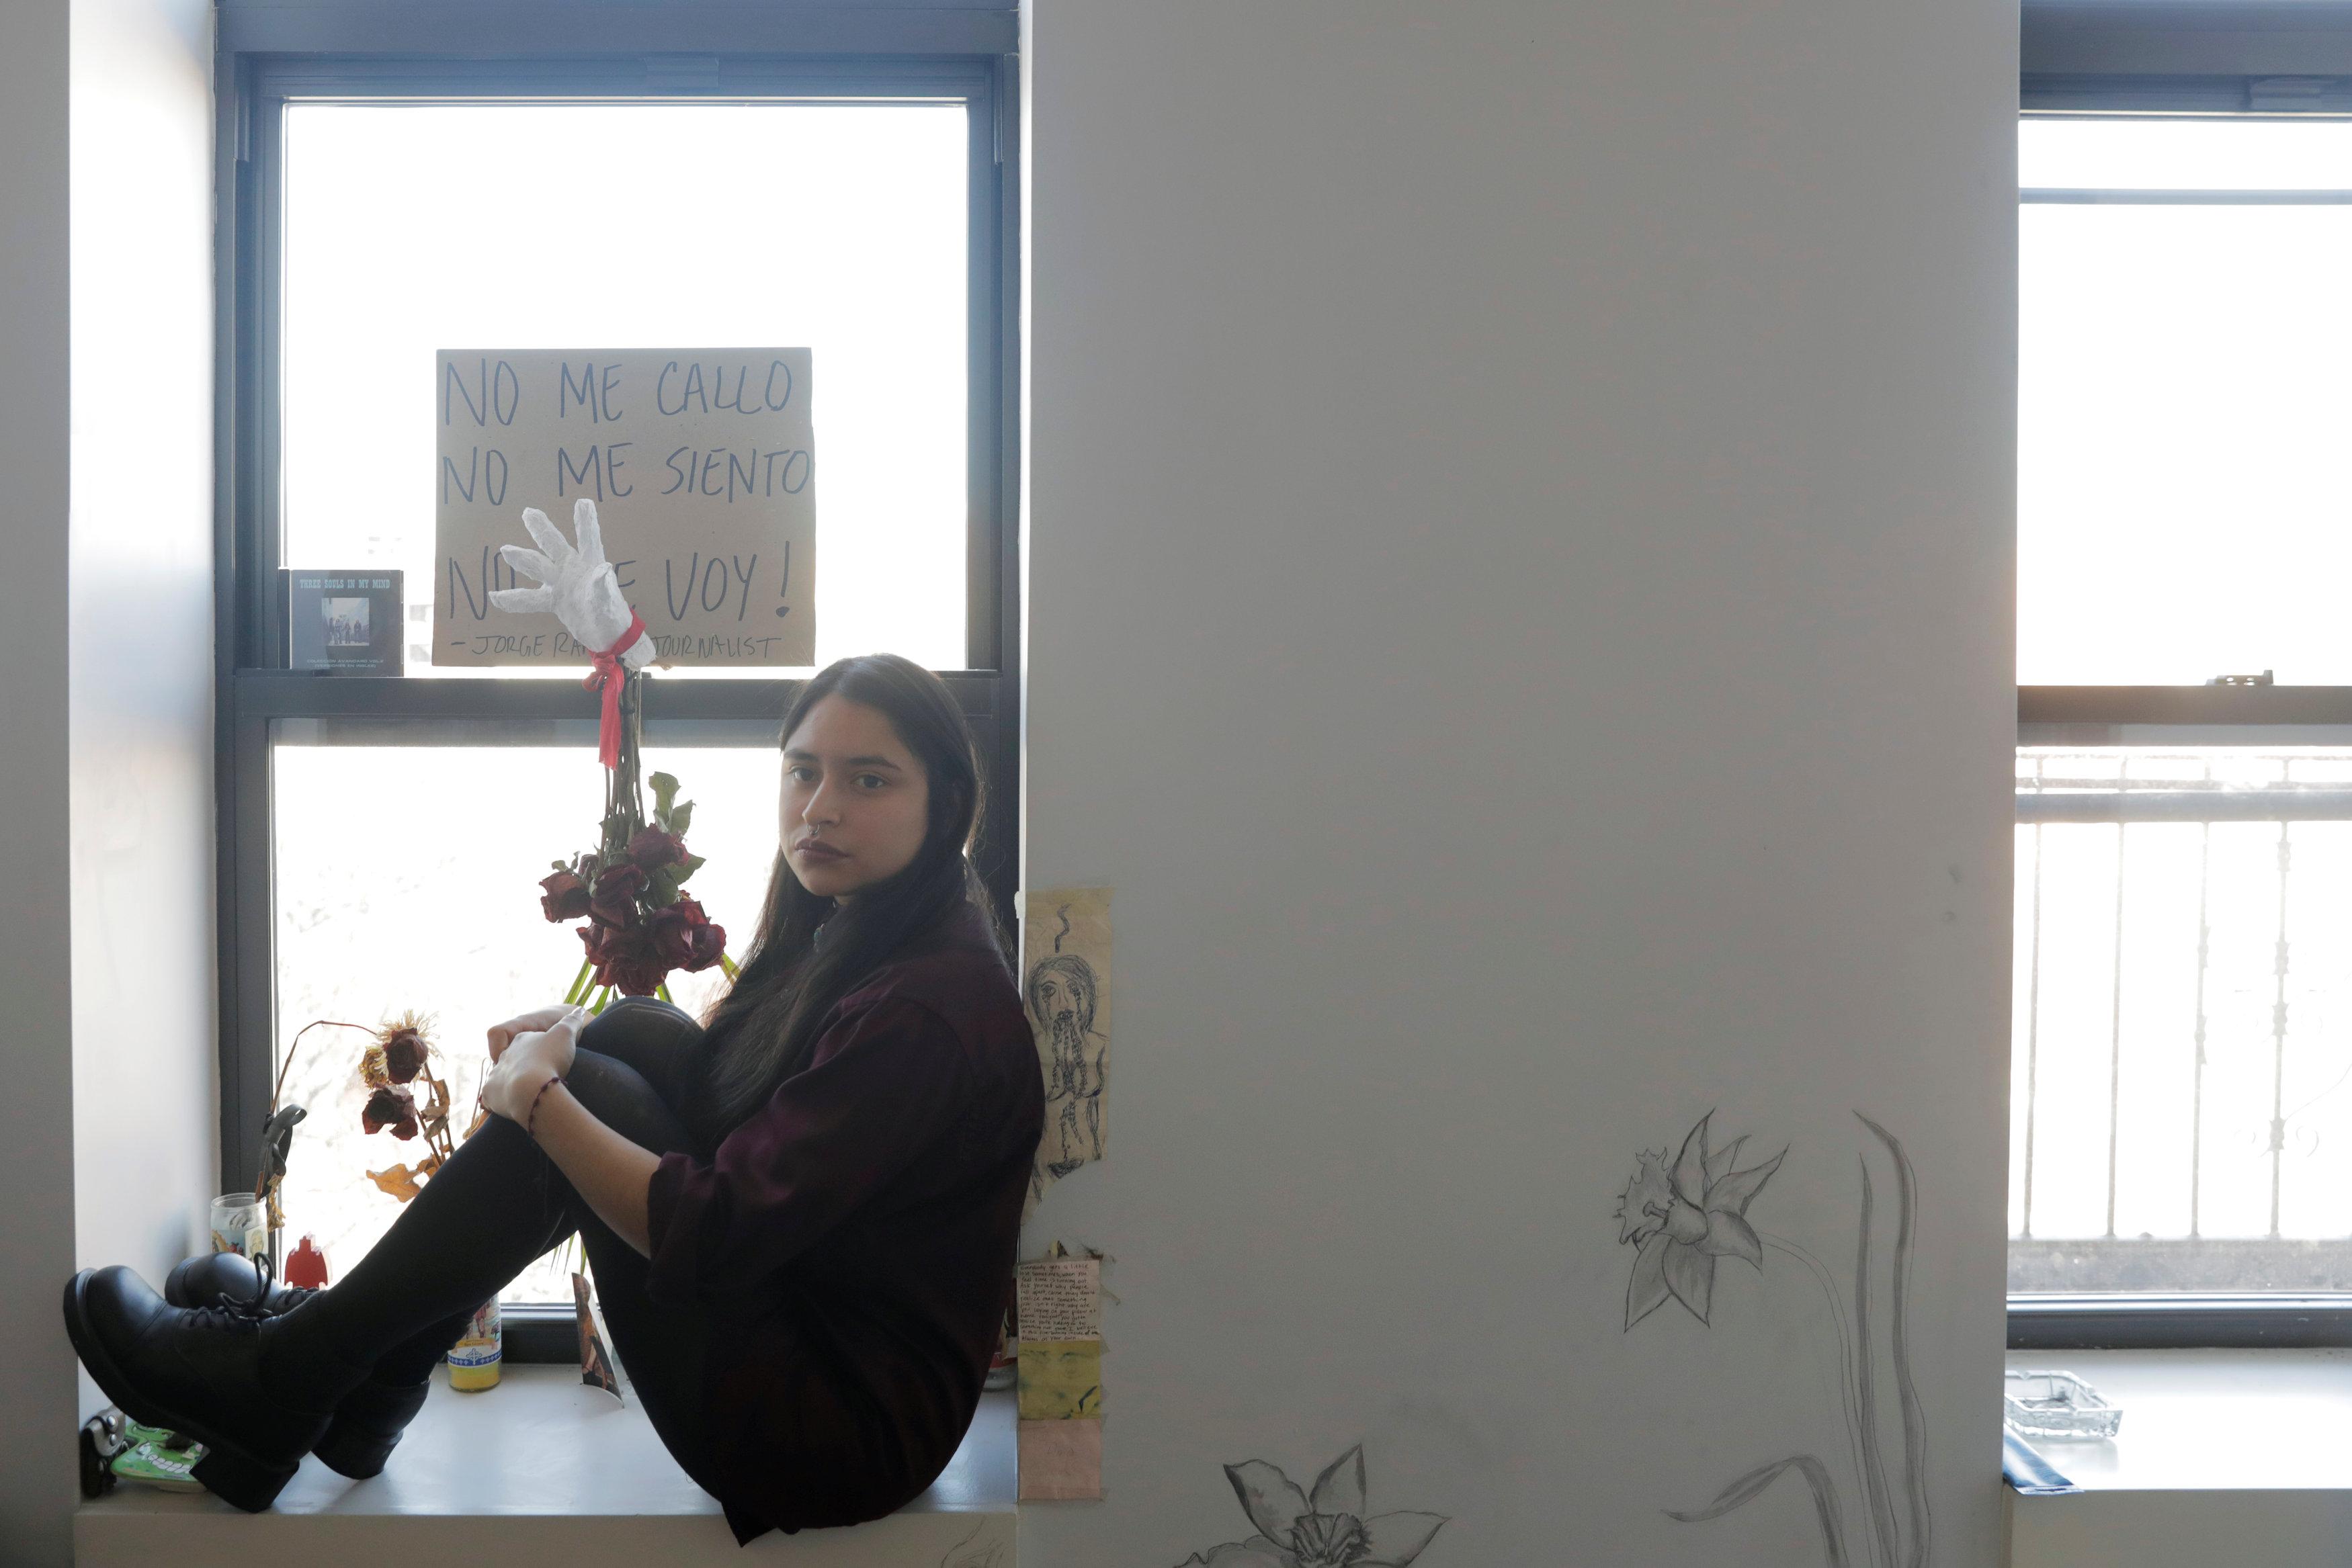 立法受阻,夢想生曼杜沙坐在紐約公寓裡,不知何去何從。(路透)